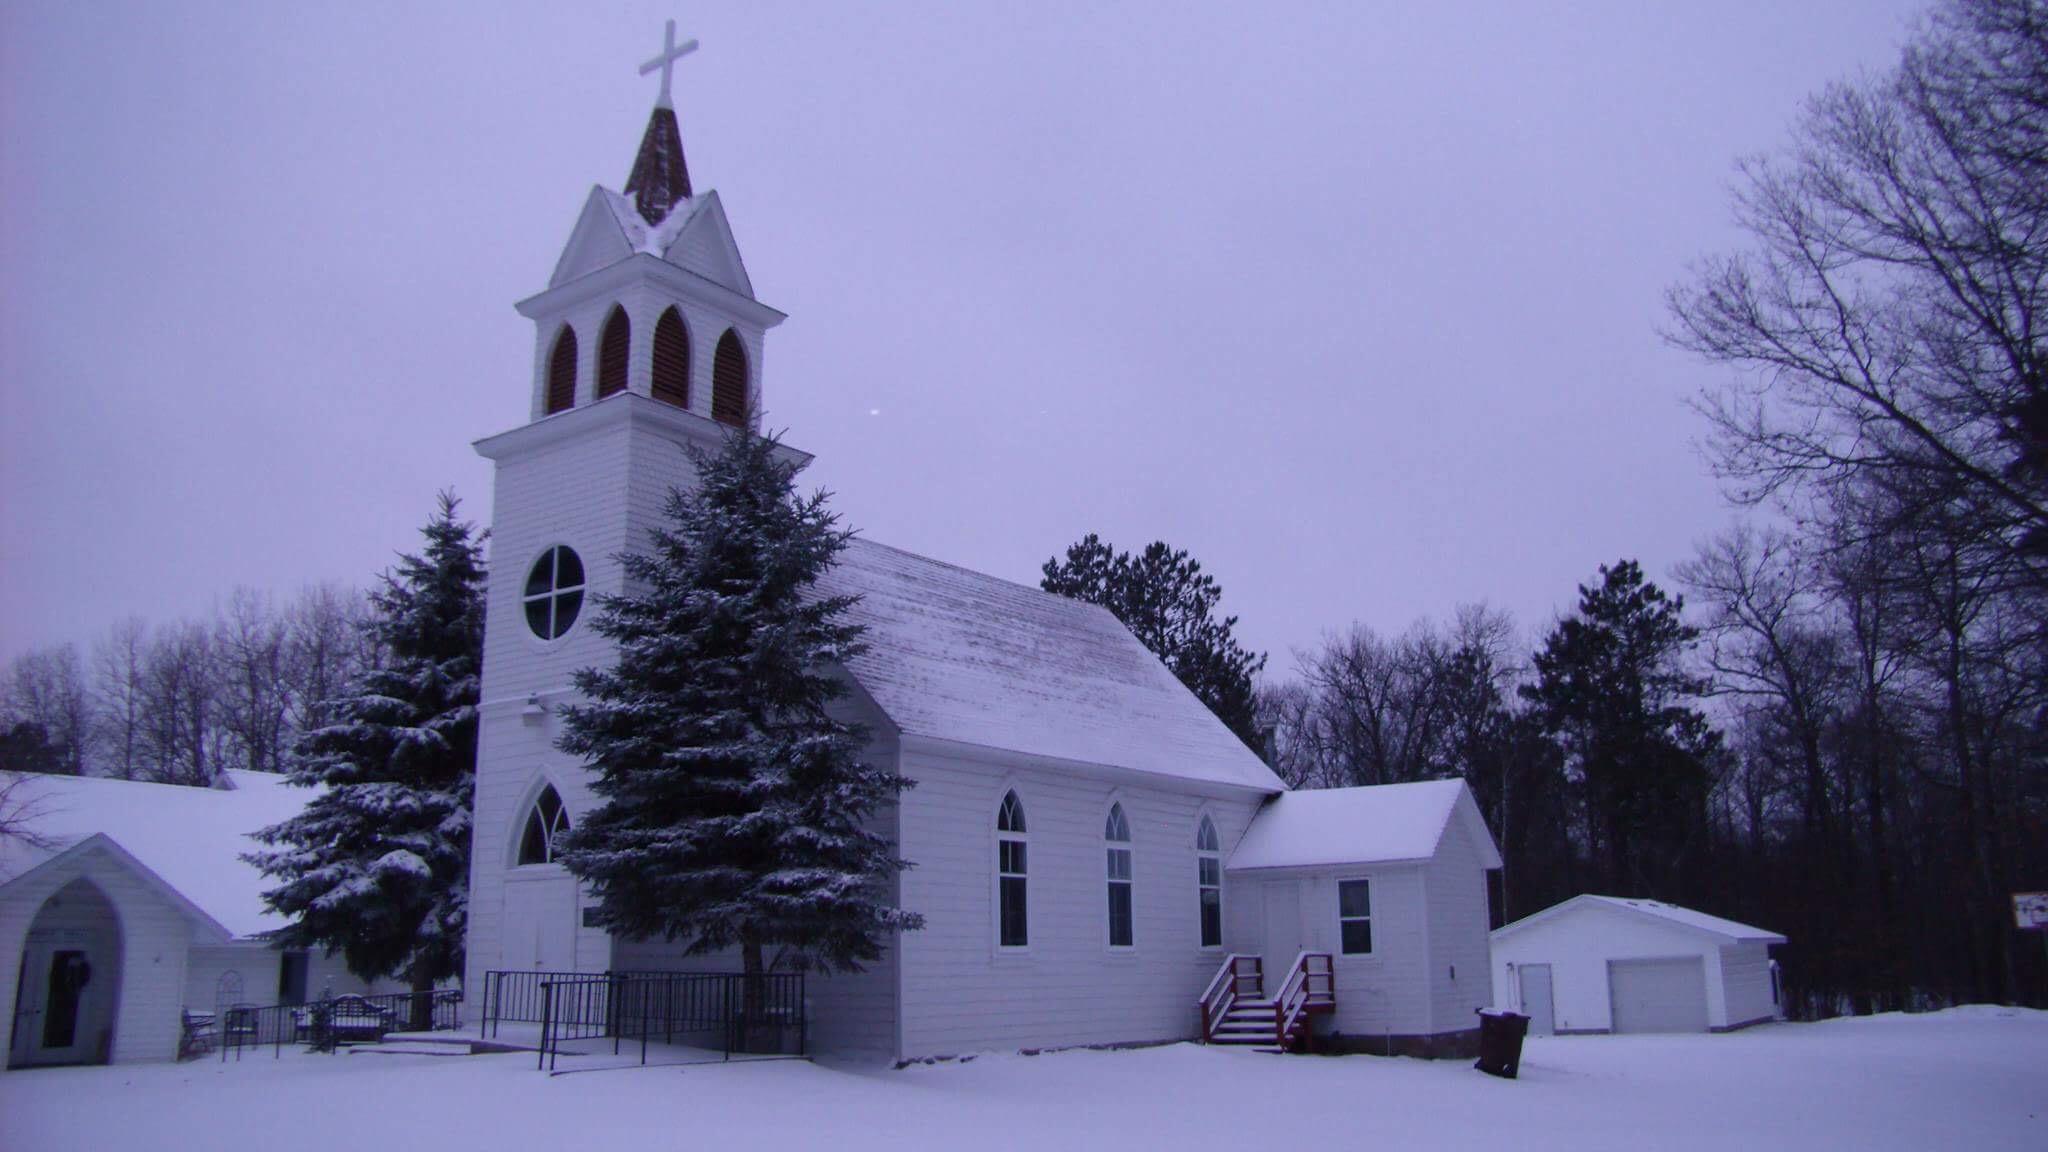 Winter-Bethlehem-Aitkin